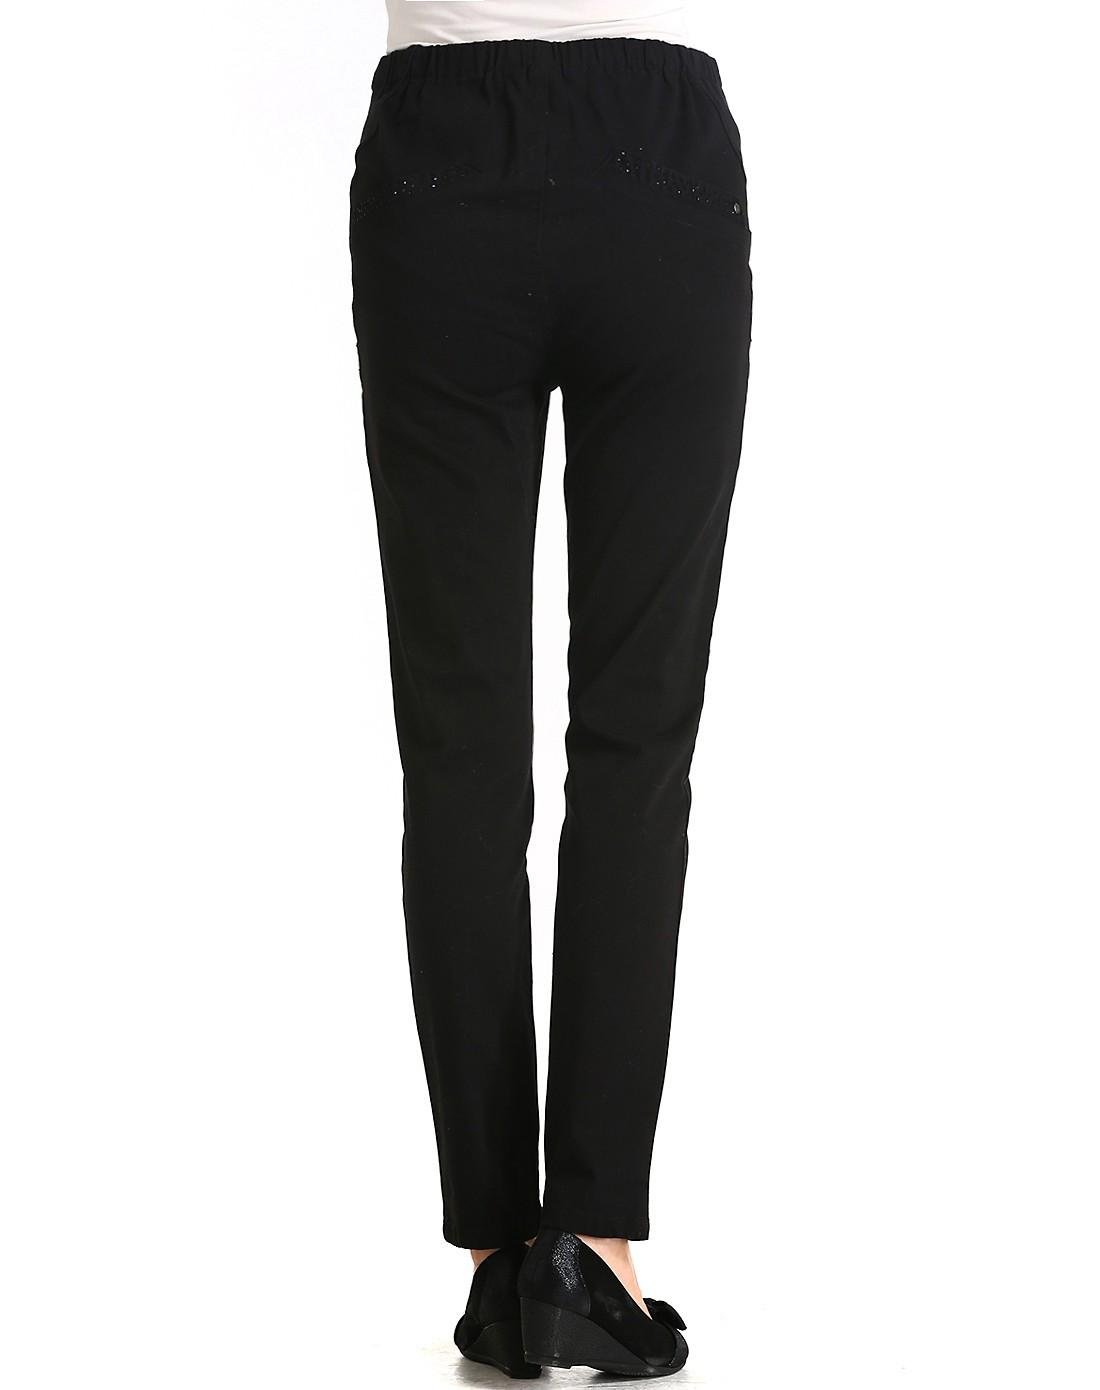 女黑色铅笔裤